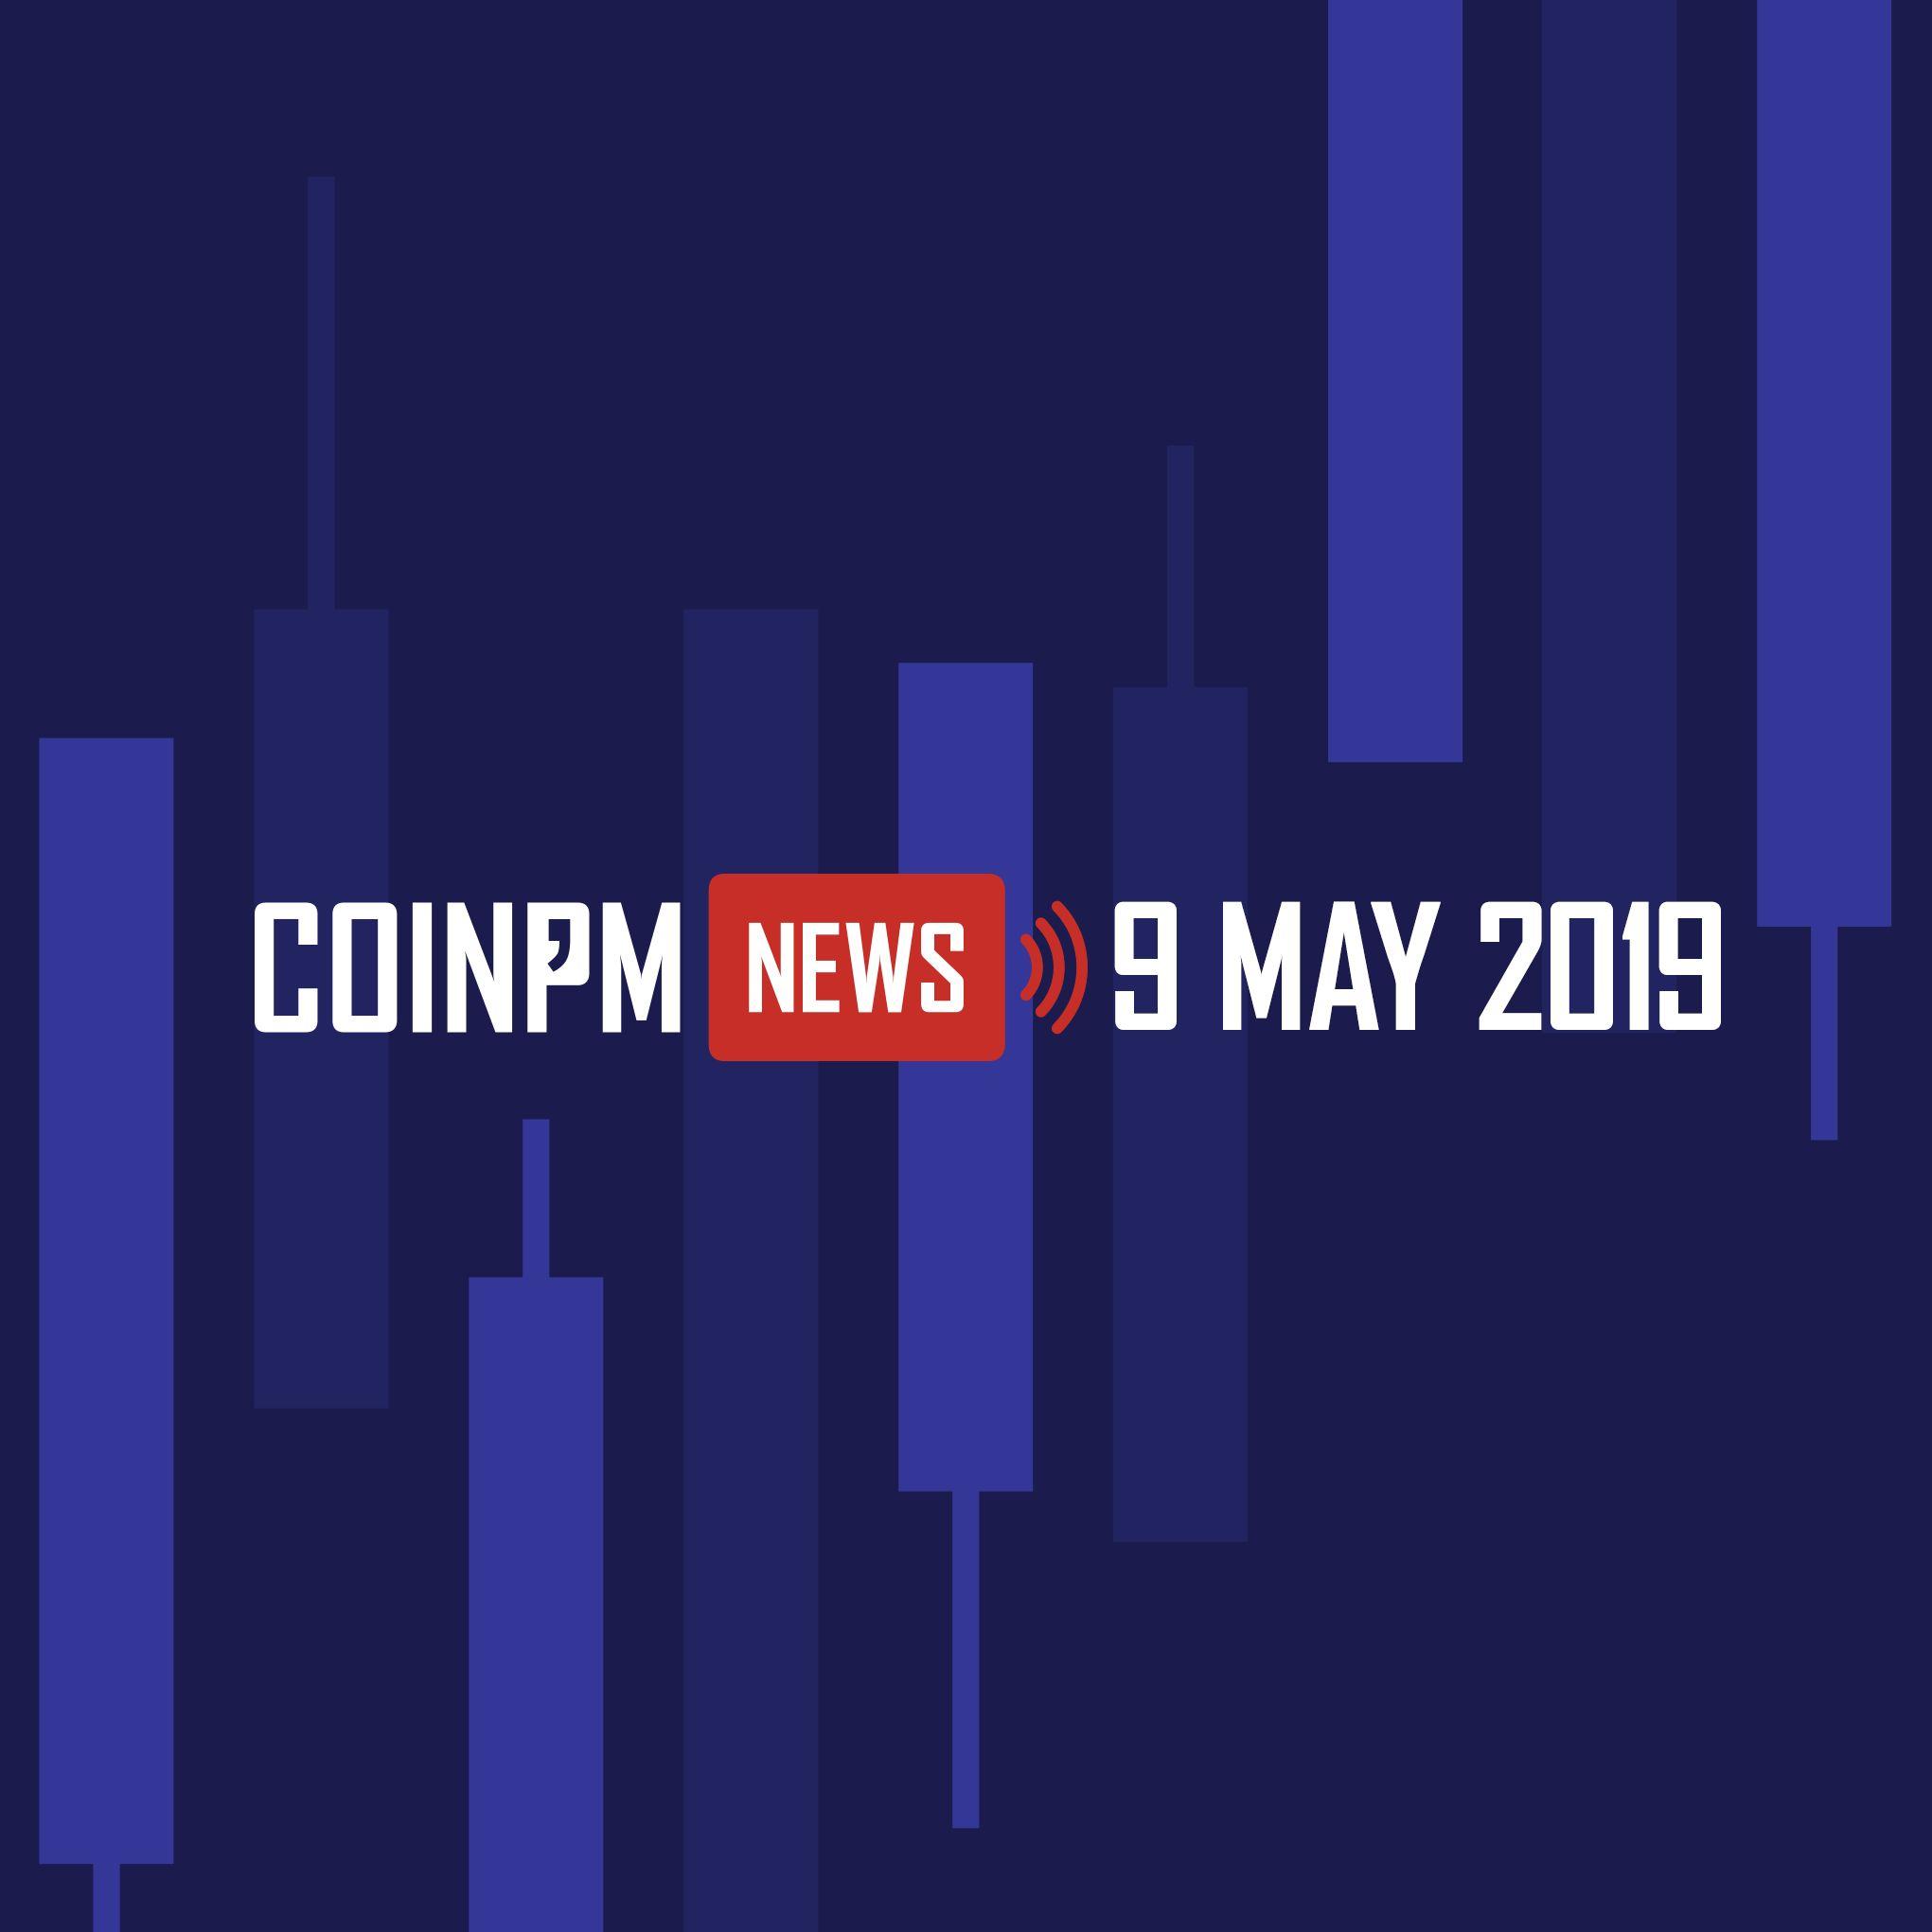 9th May 2019